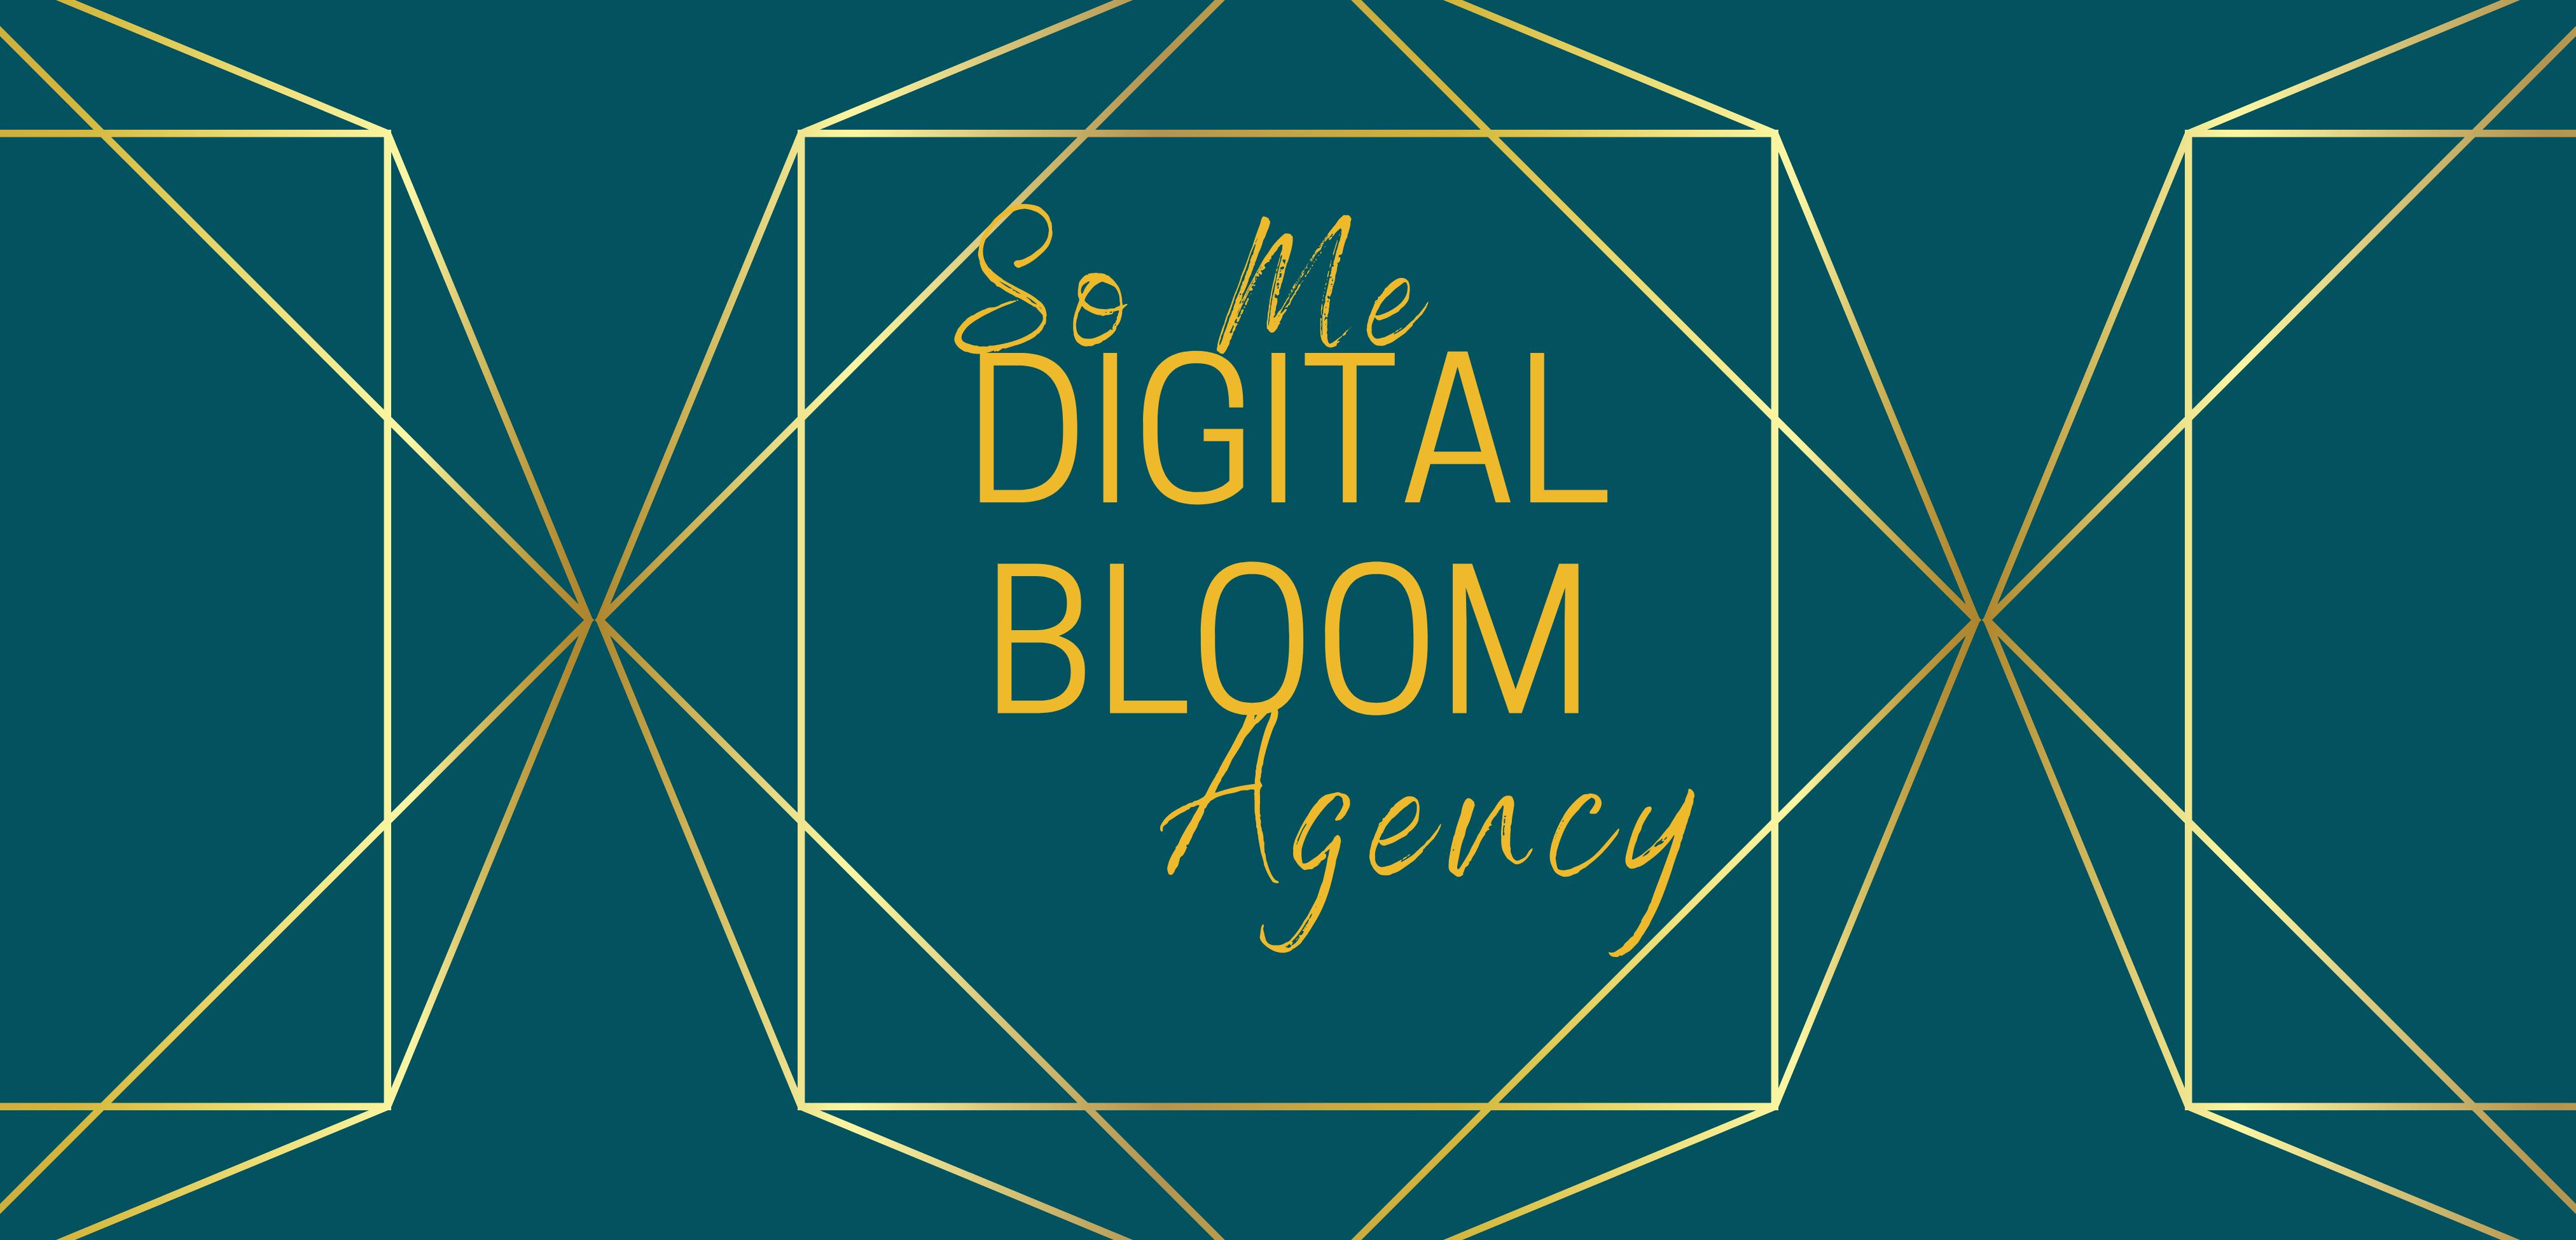 So Me Digital Bloom Agency